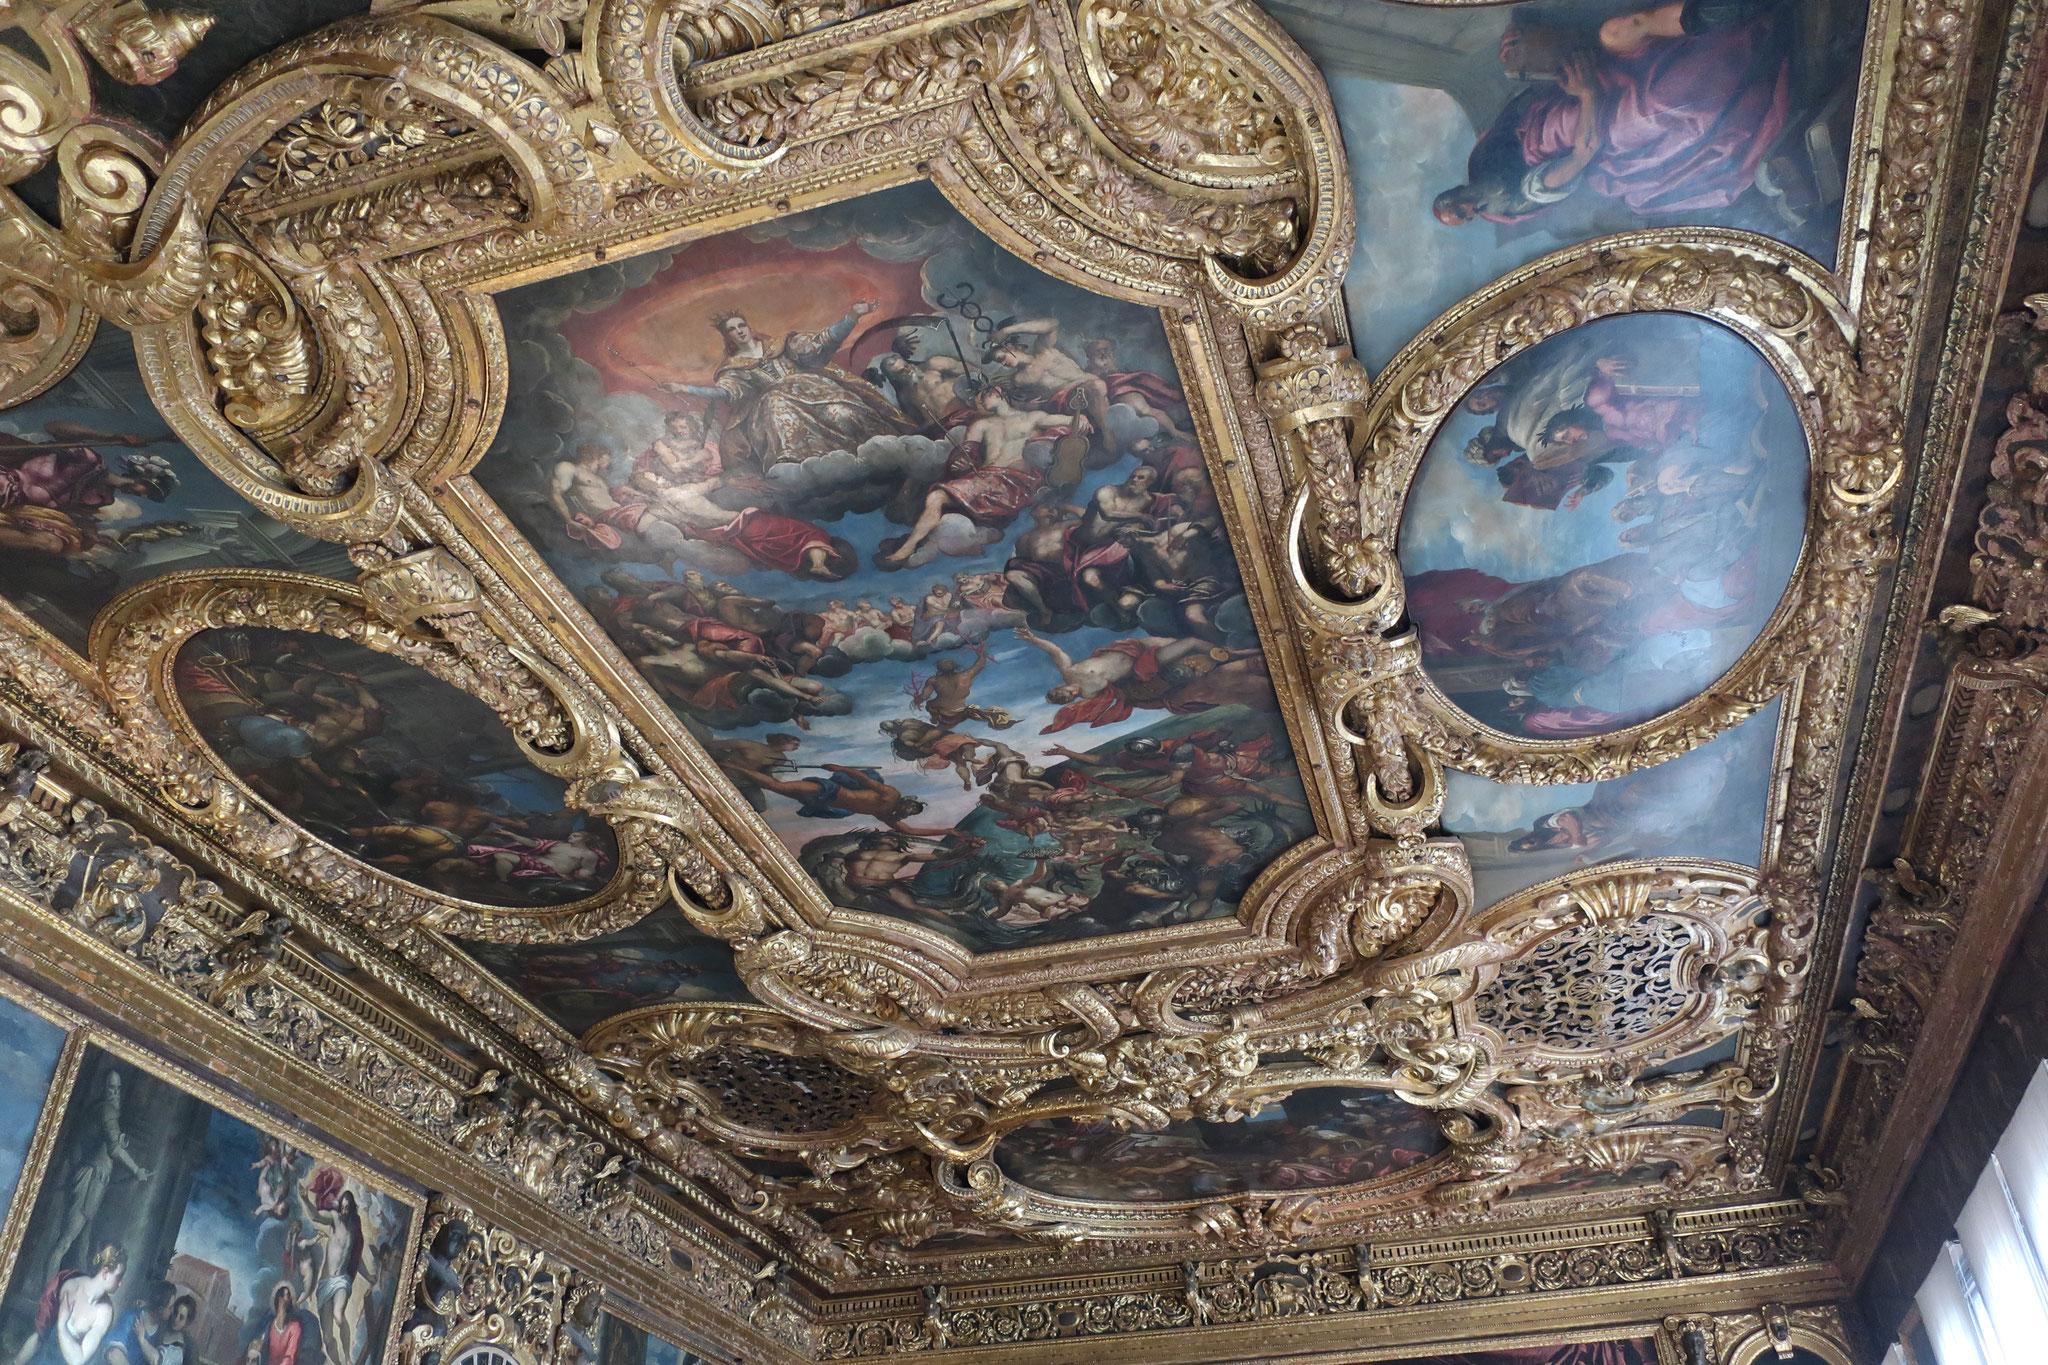 「元老院の間」の天井画「ヴェネツィア称揚」(ティントレット作)